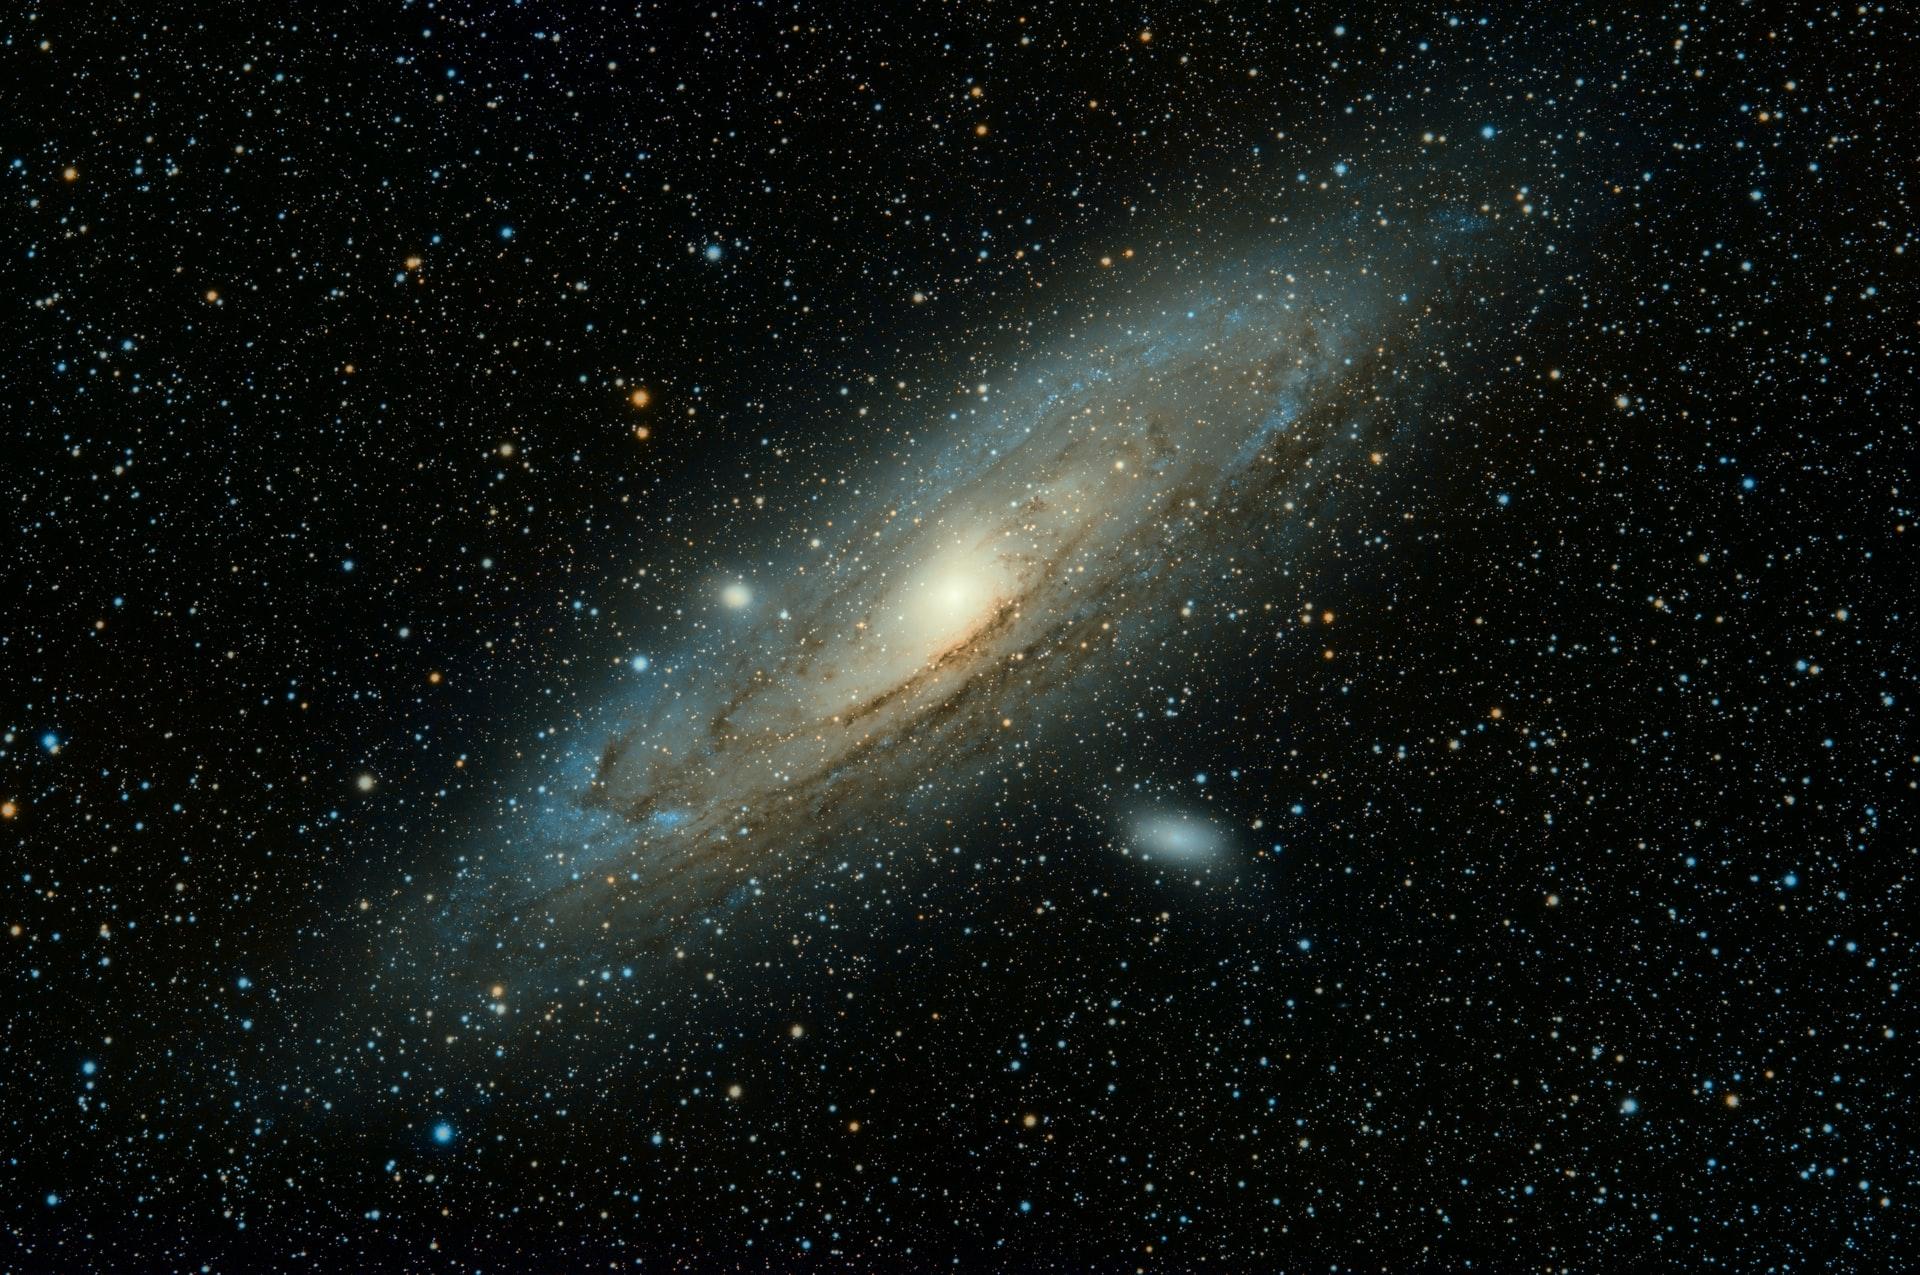 Астрономы обнаружили систему, вкоторой планеты обращаются впротивоположную звезде сторону